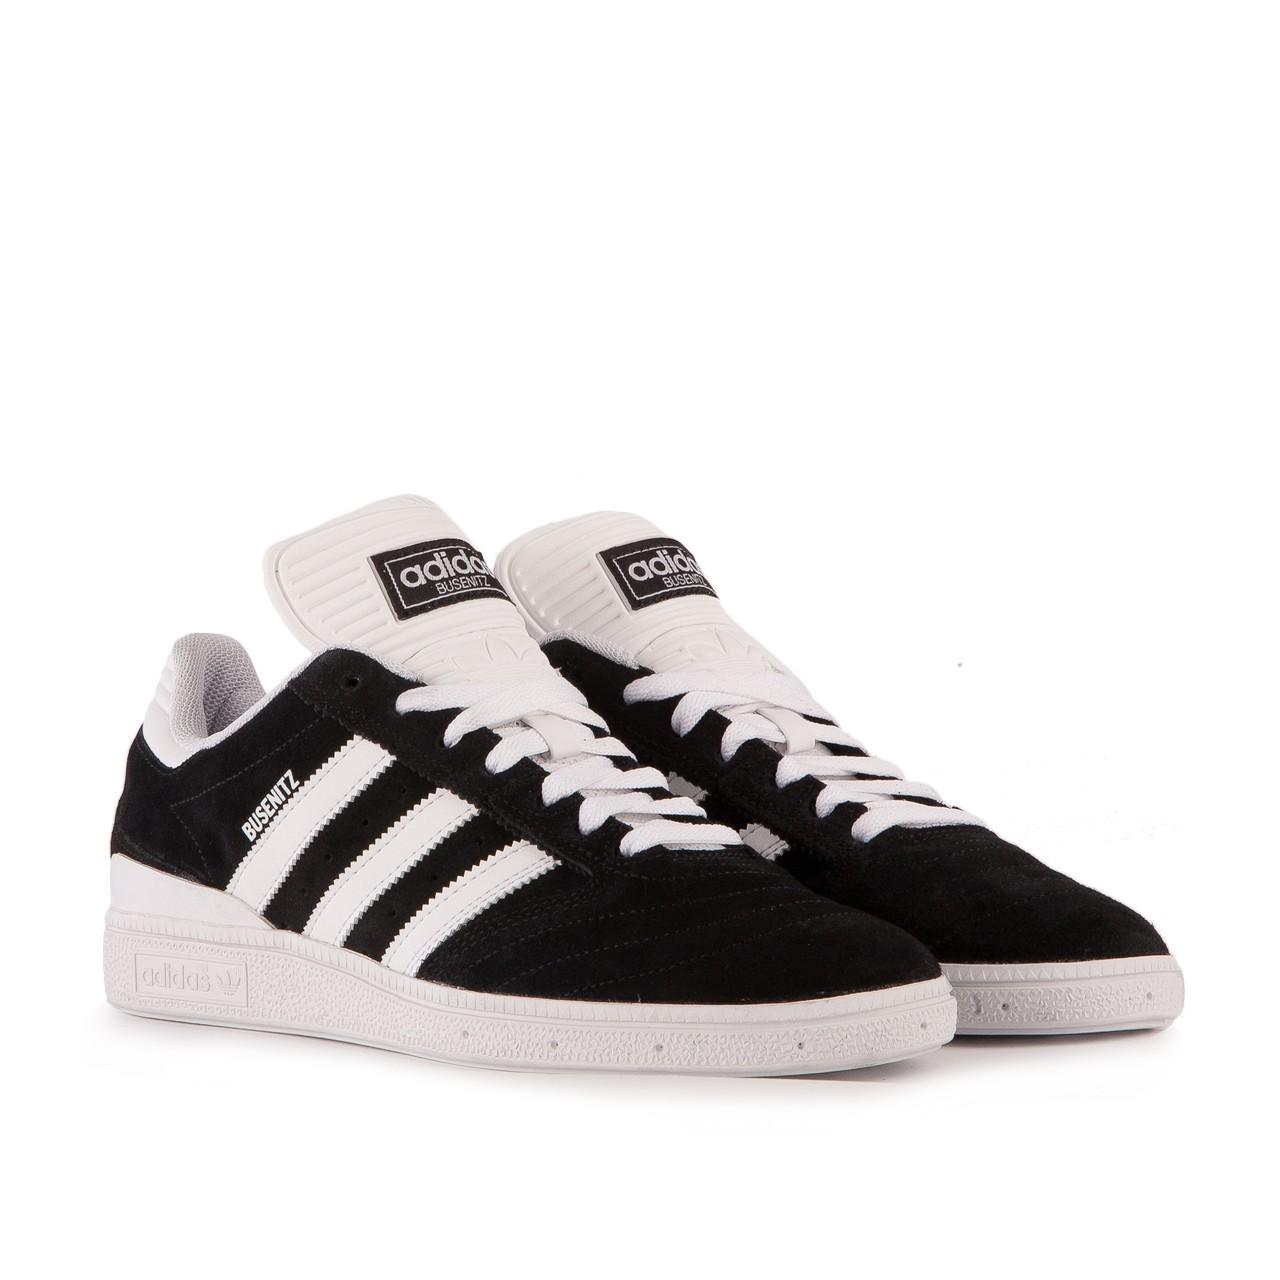 Adidas Busenitz adidas busenitz (black / white) ZTOXPIX